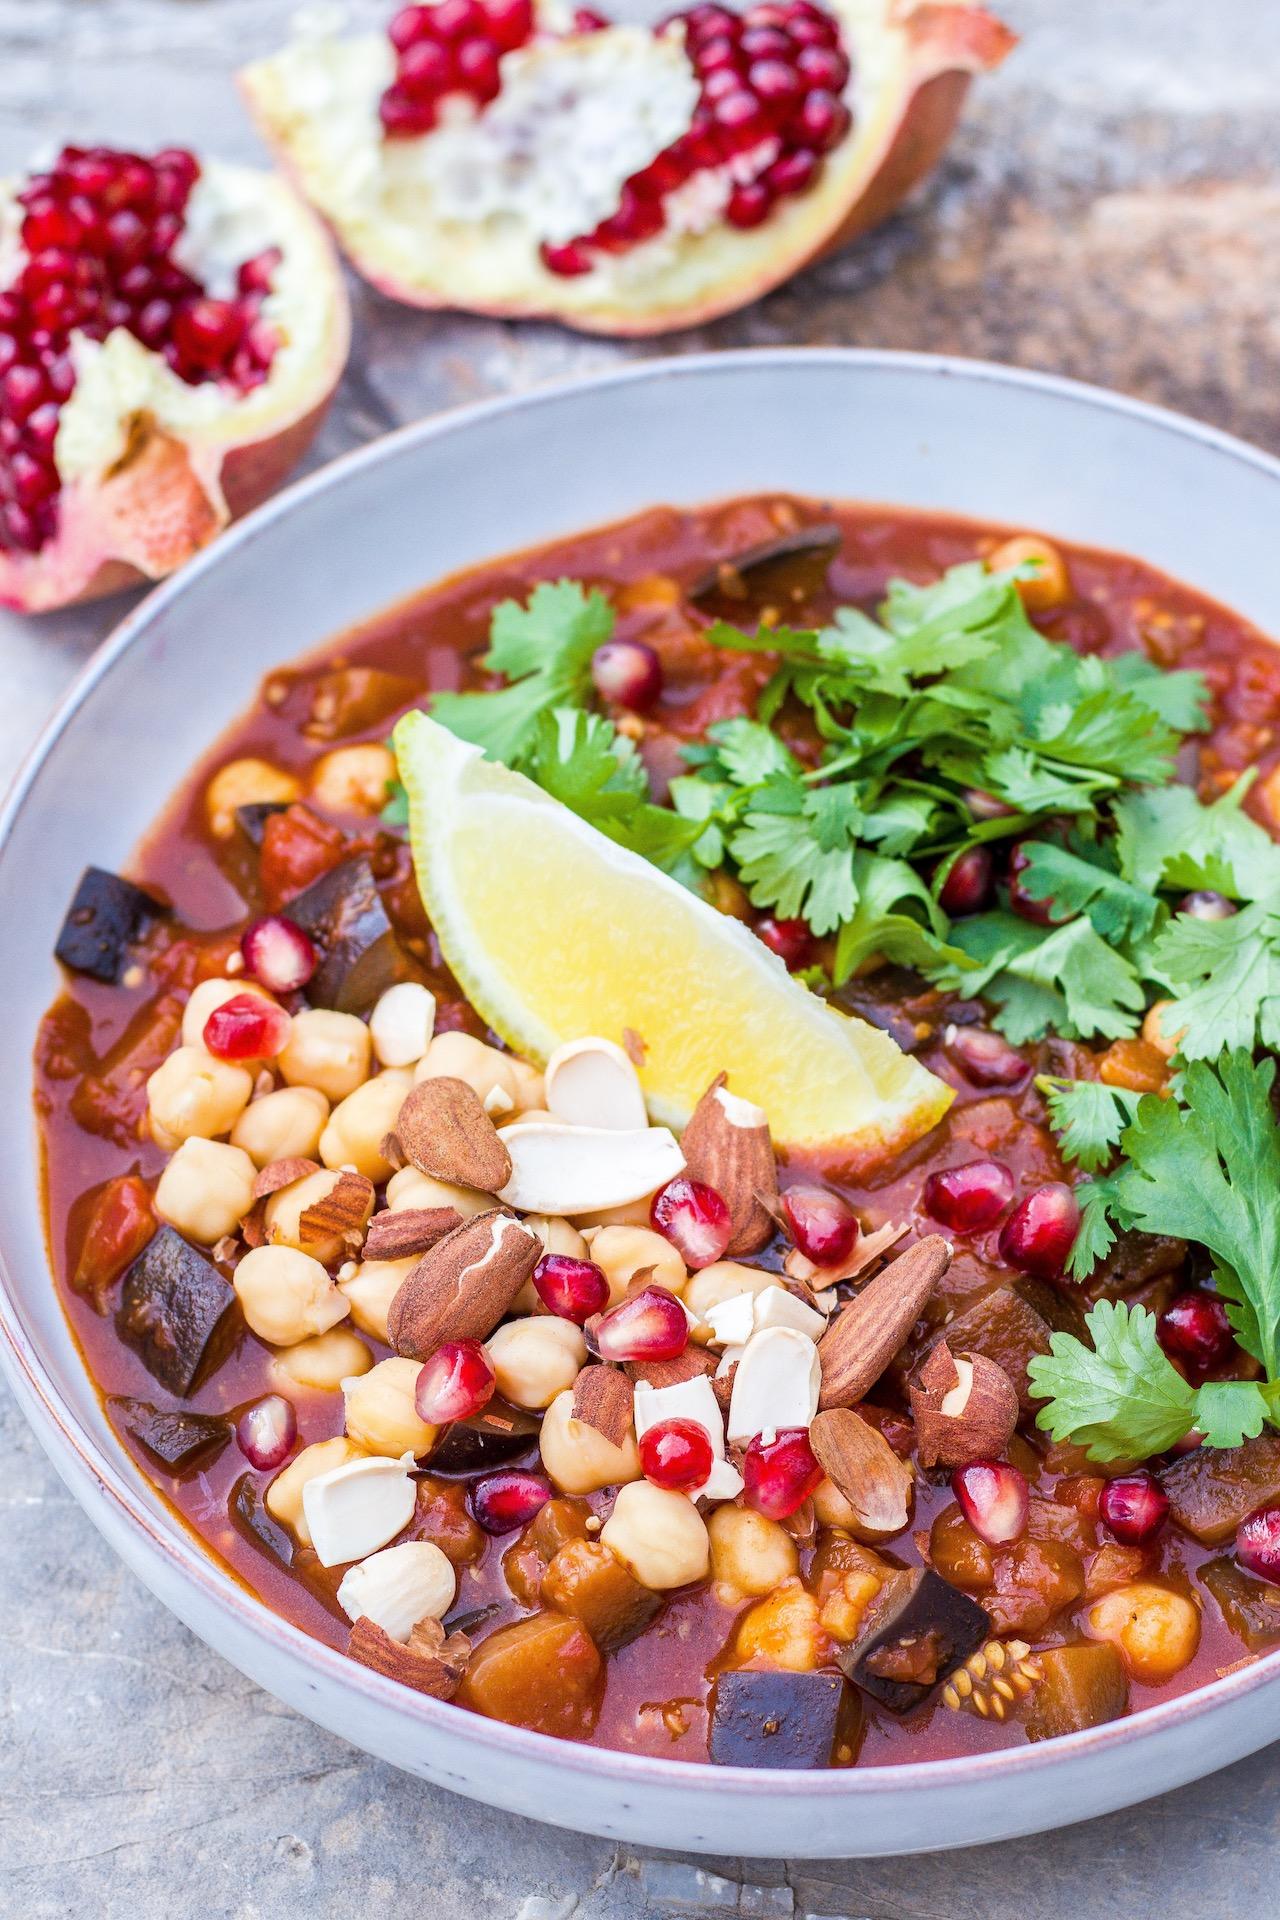 Aromatisches, marokkanisches Auberginengemüse mit Safran, Granatapfelkernen und Mandeln. #vegan #glutenfrei #vegetarisch #auberginen #safran